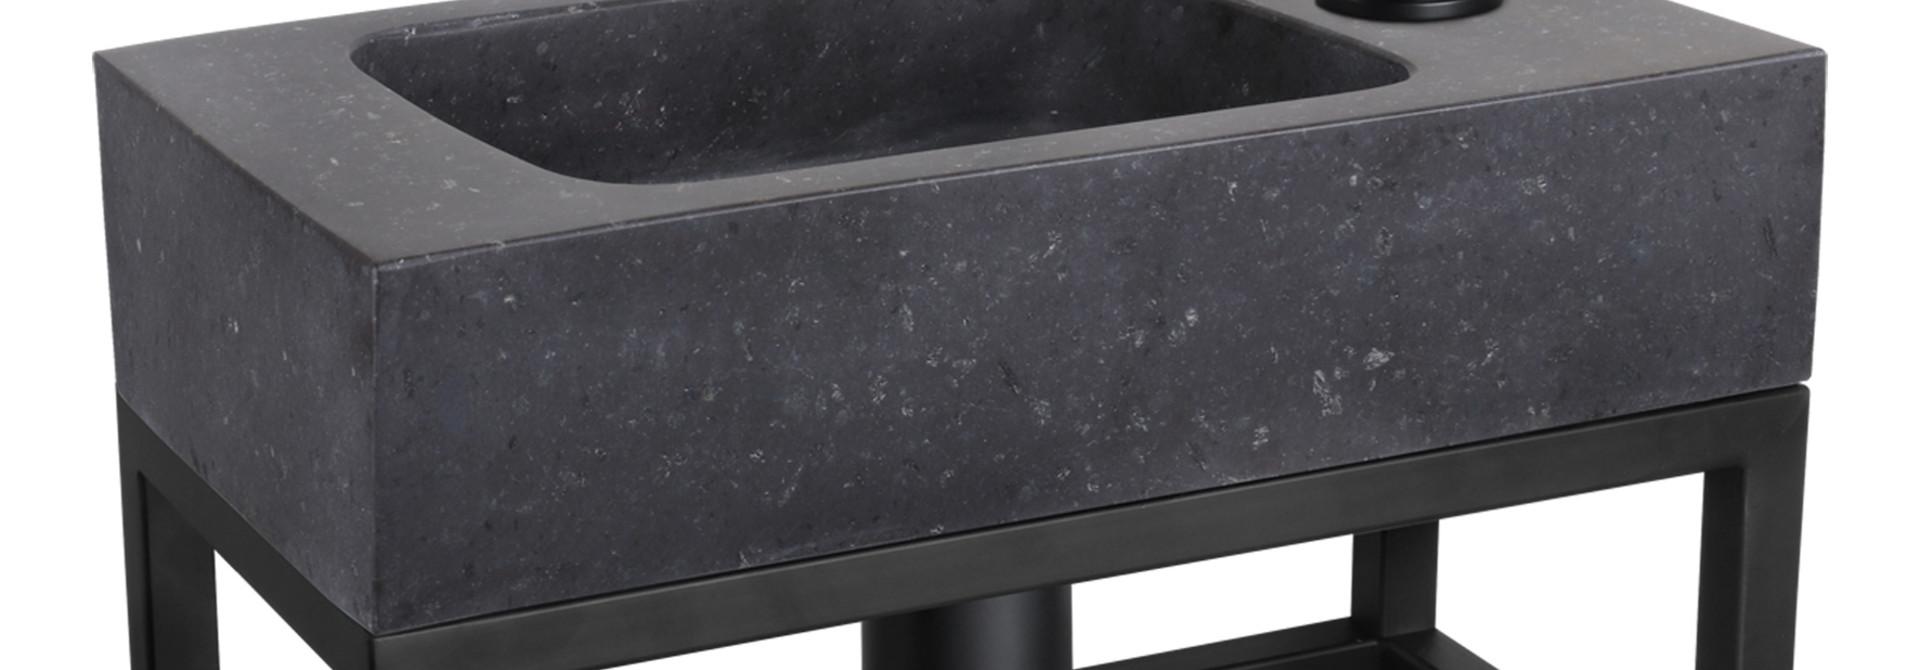 Fontein – black – Natuursteen 22 x 40 x 9 cm